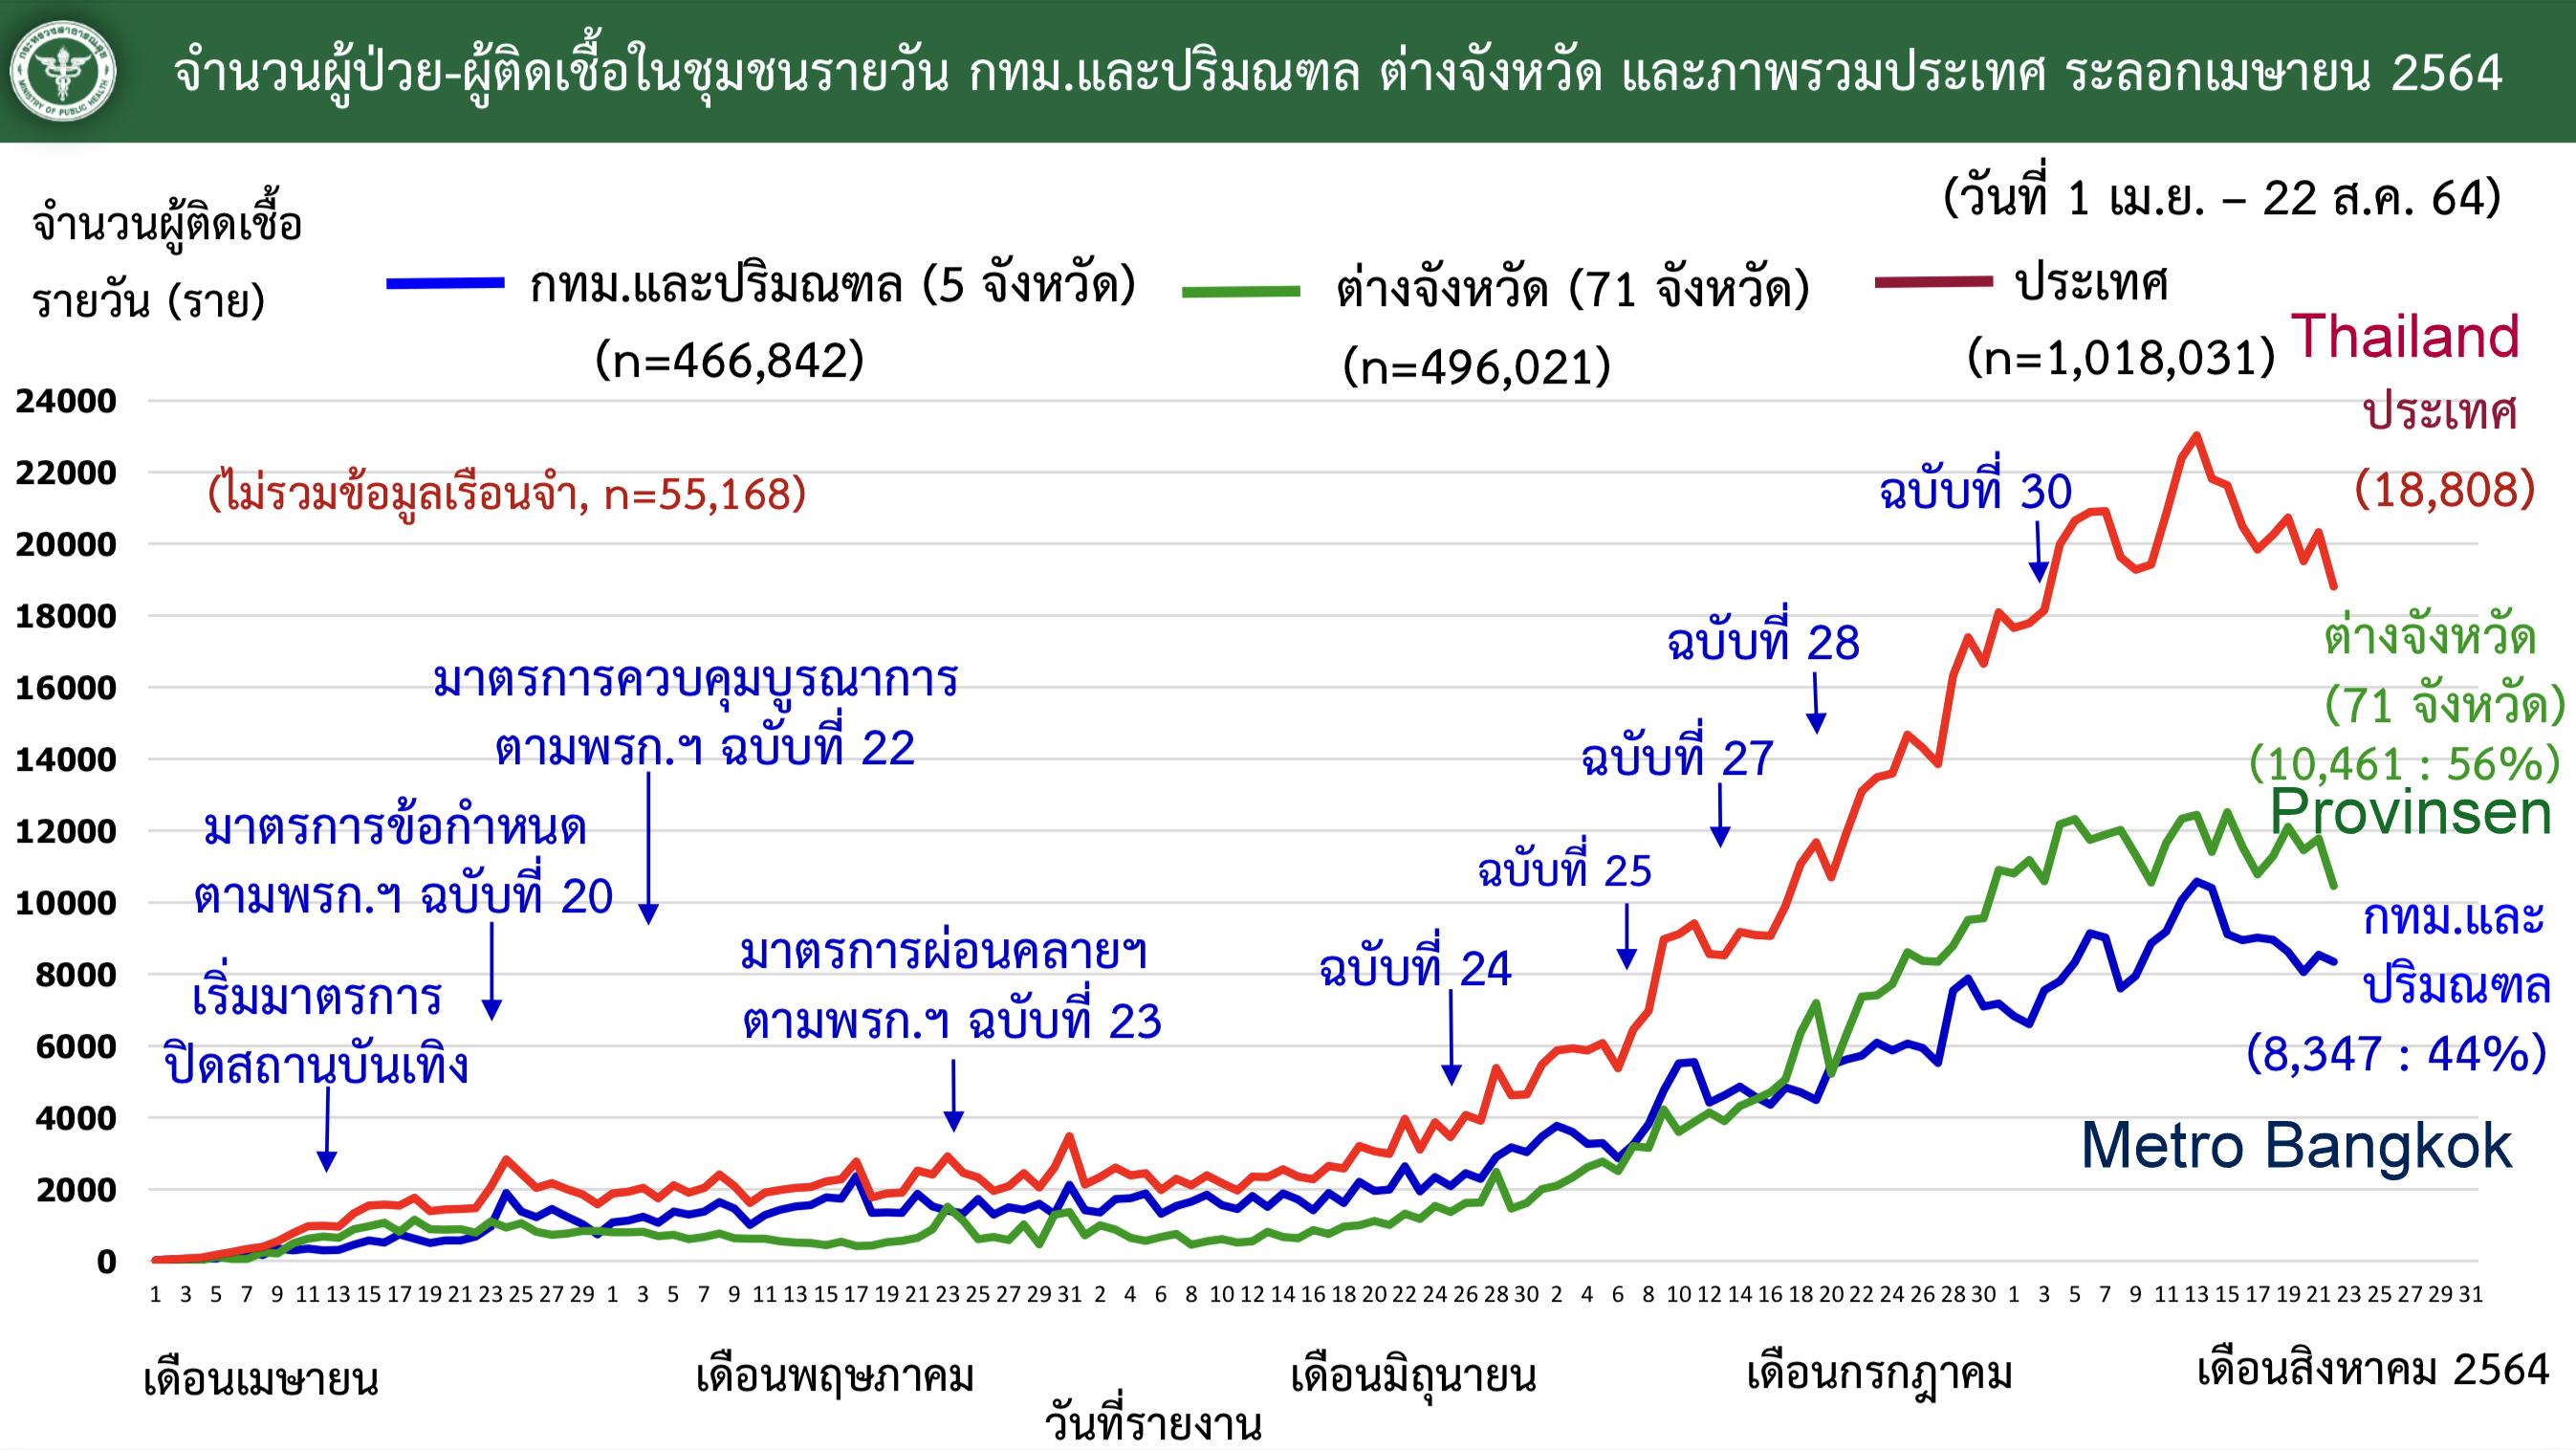 www.thaiguide.dk/images/forum/covid19/smitte%20bkk%20resten%20af%20landet%20kurve%20r%2022-08-21.jpg